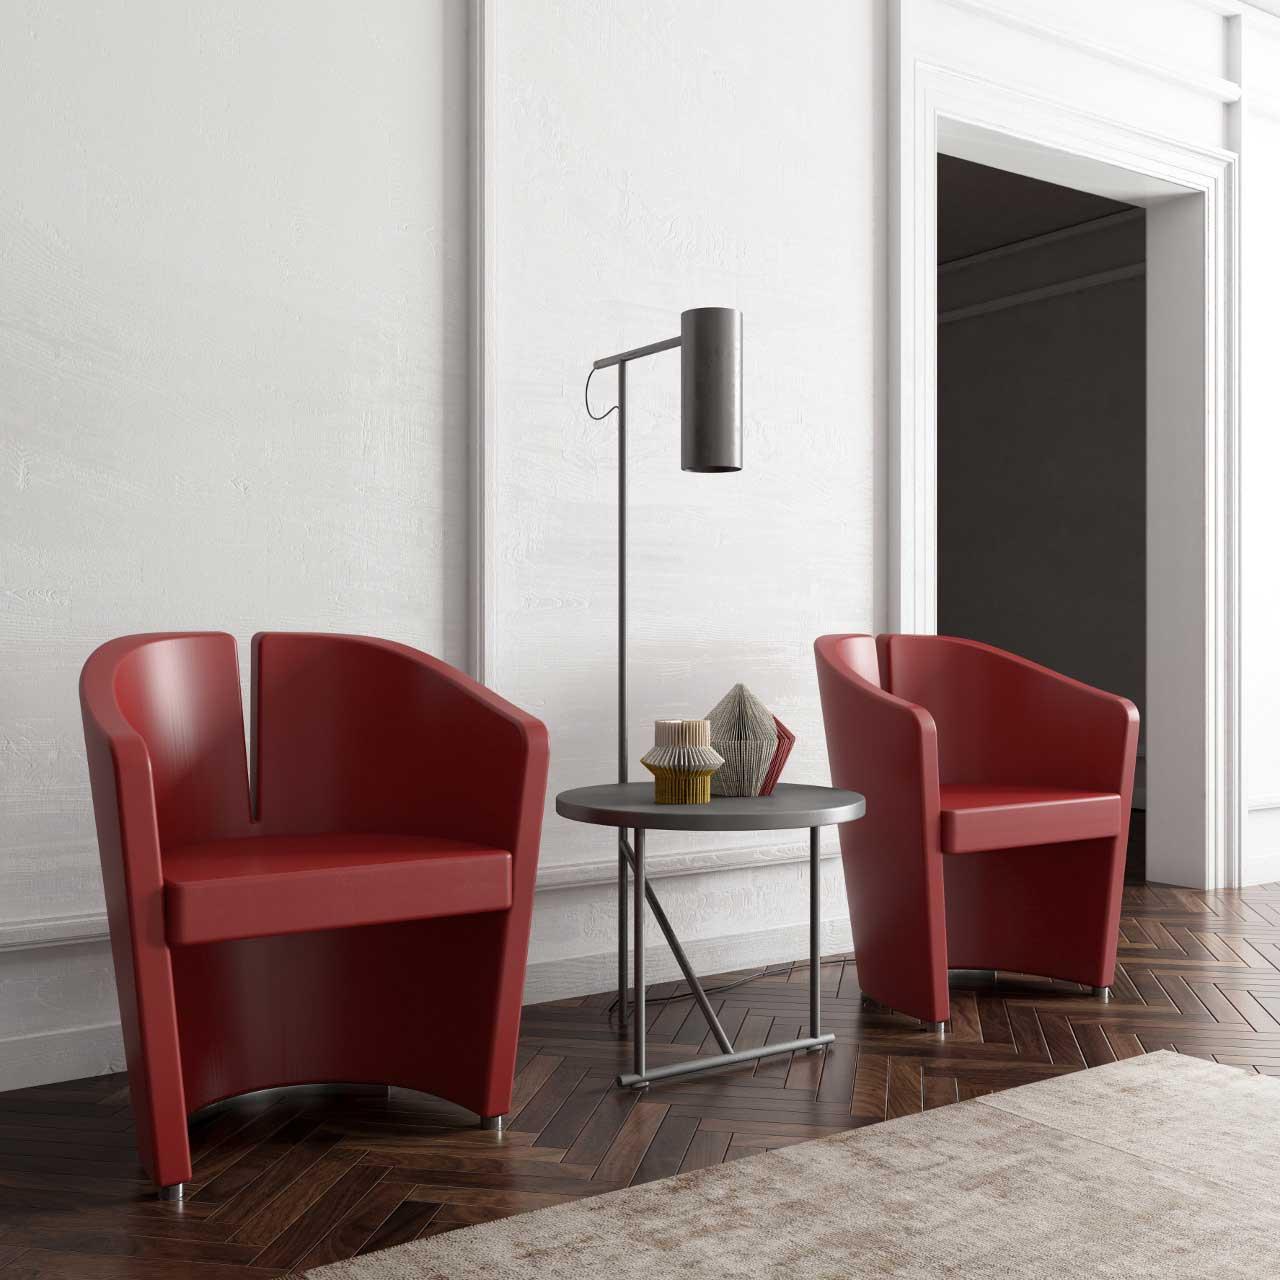 01S_Estel_Comfort&Relax_Sofa&Armchair_Podium